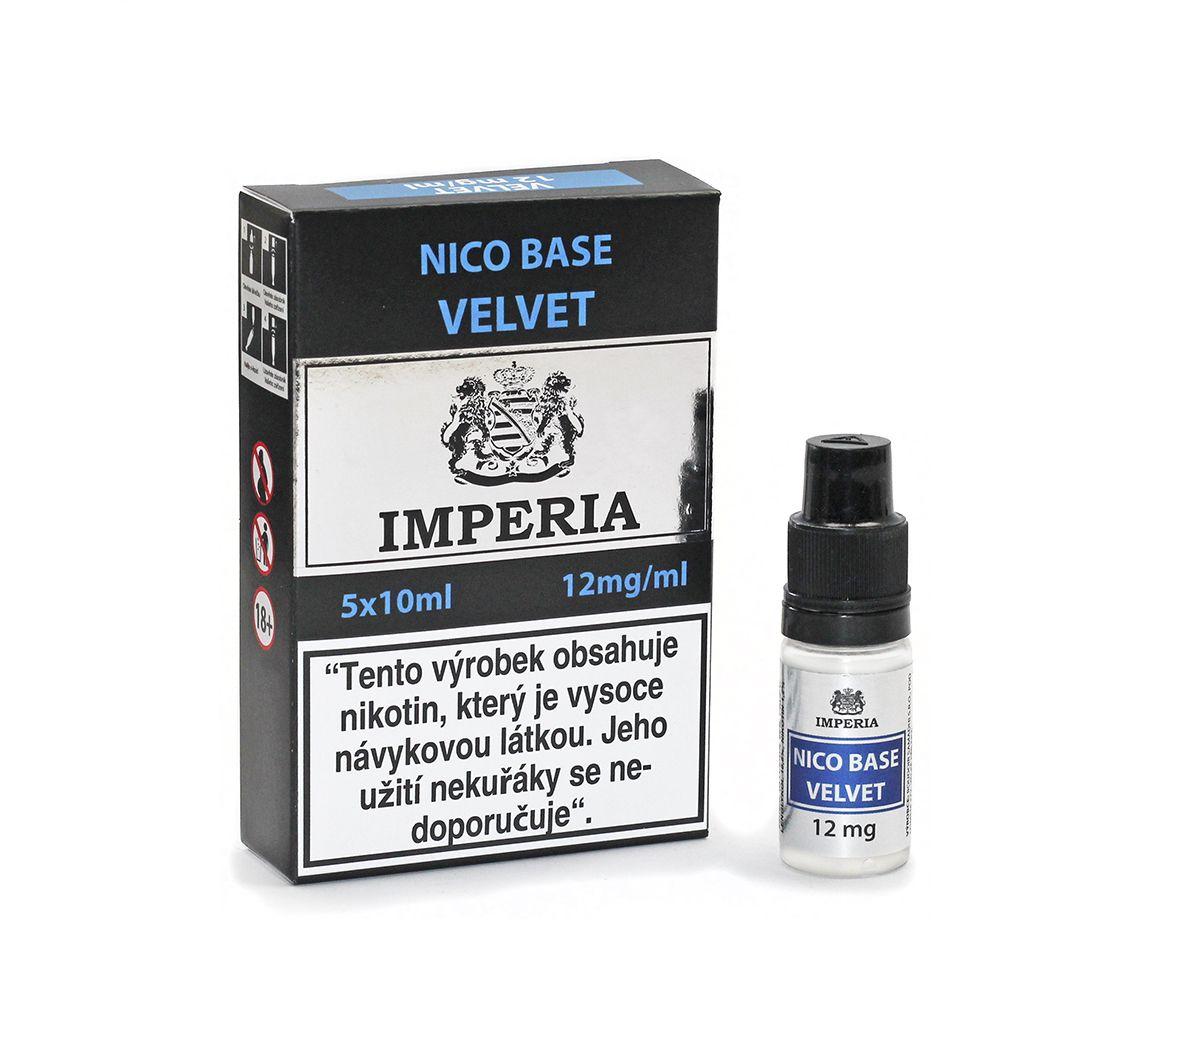 Velvet Base Imperia 12 mg - 5x10ml (20PG/80VG)